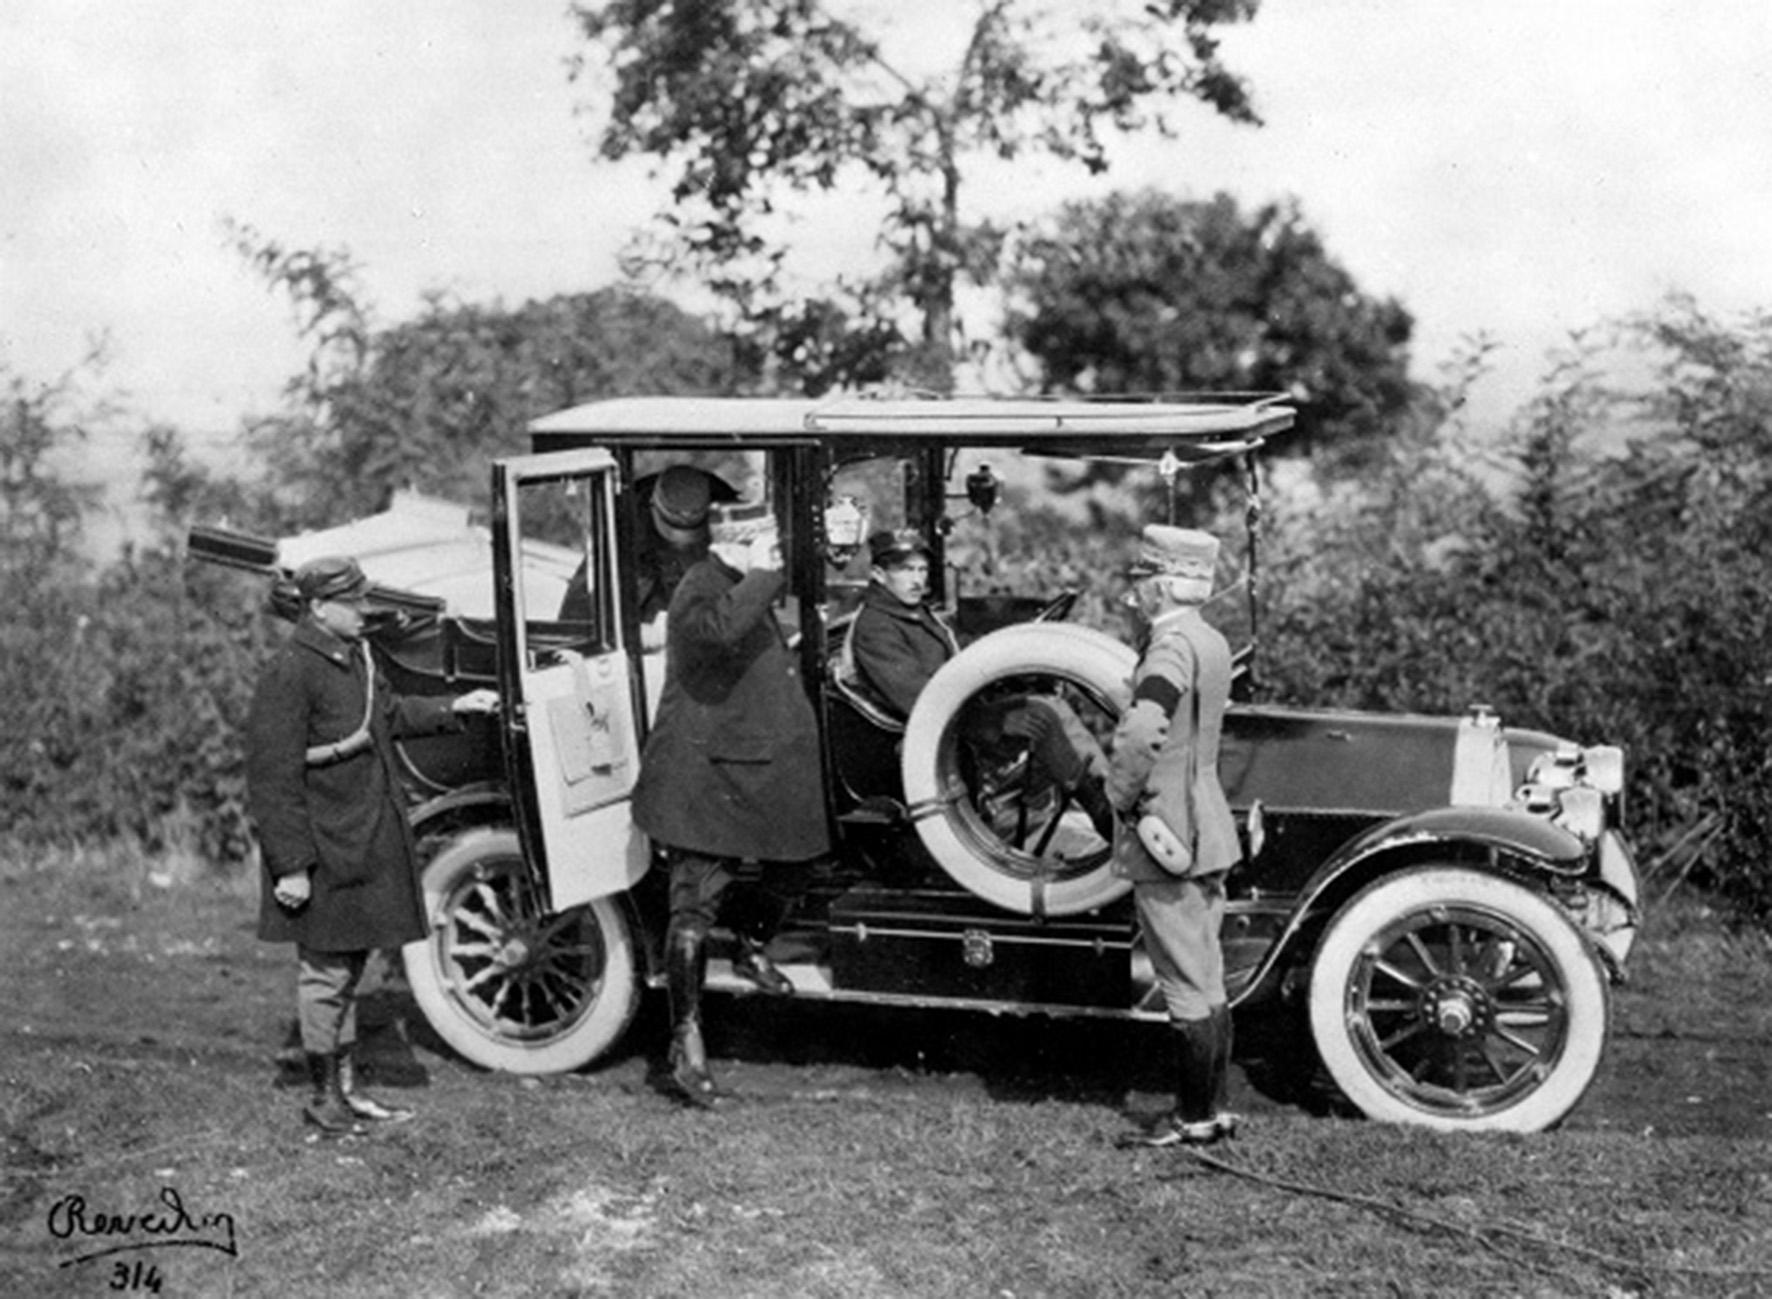 Il Capo di Stato Maggiore del Regio Esercito Italiano, gen. Luigi Cadorna, incontra al fronte il Maresciallo di Francia, gen. Joseph Joffre, salutandolo dal predellino di una Fiat 'Tipo 3Ter' 20/30 hp landaulet, 5 settembre 1915, foto © AISA/MAUTO/MotoriStorici